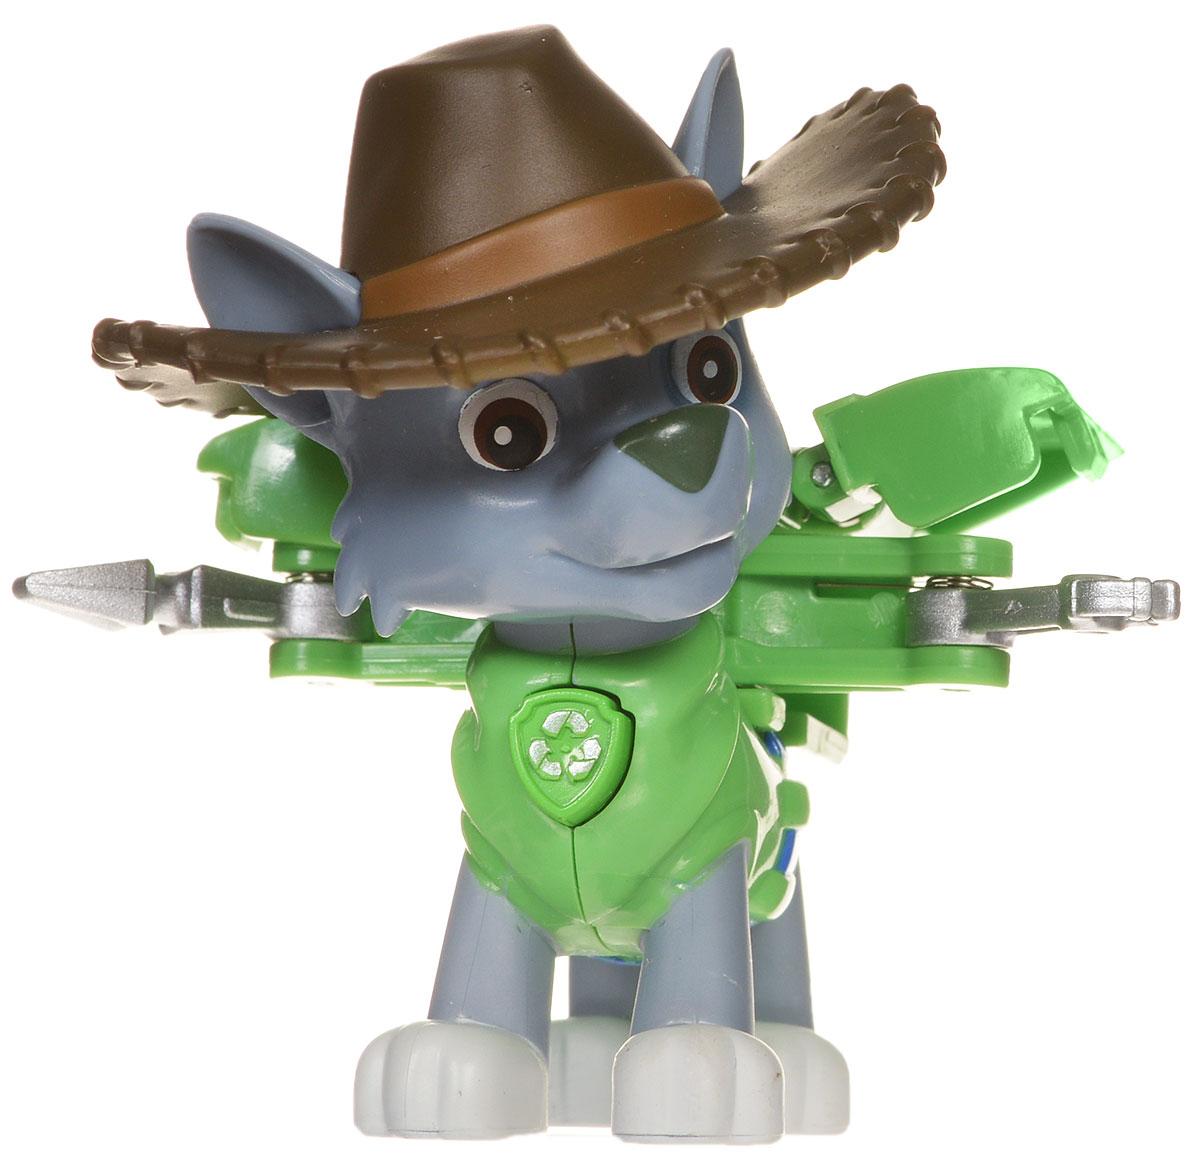 Paw Patrol Фигурка Cowboy Rocky16655_20070723Щенячий патруль - популярный мультфильм, завоевавший миллионы детских сердец во всем мире. Он повествует о приключениях спасательной команды, которая состоит из собачек разных пород, дружных и веселых. Они всегда готовы прийти на помощь и защитить жителей Бухты Приключений от всевозможных напастей. Фигурка щенка-спасателя Paw Patrol Cowboy Rocky станет отличным подарком для любого поклонника мультфильма. У щенка на спине закреплен рюкзак-трансформер с уникальными функциями, знакомыми по мультфильму. При нажатии на кнопку, расположенную на груди, из рюкзака выдвигаются манипулятор и инструмент. Голова фигурки вращается. Игрушка изготовлена из качественных и безопасных материалов.